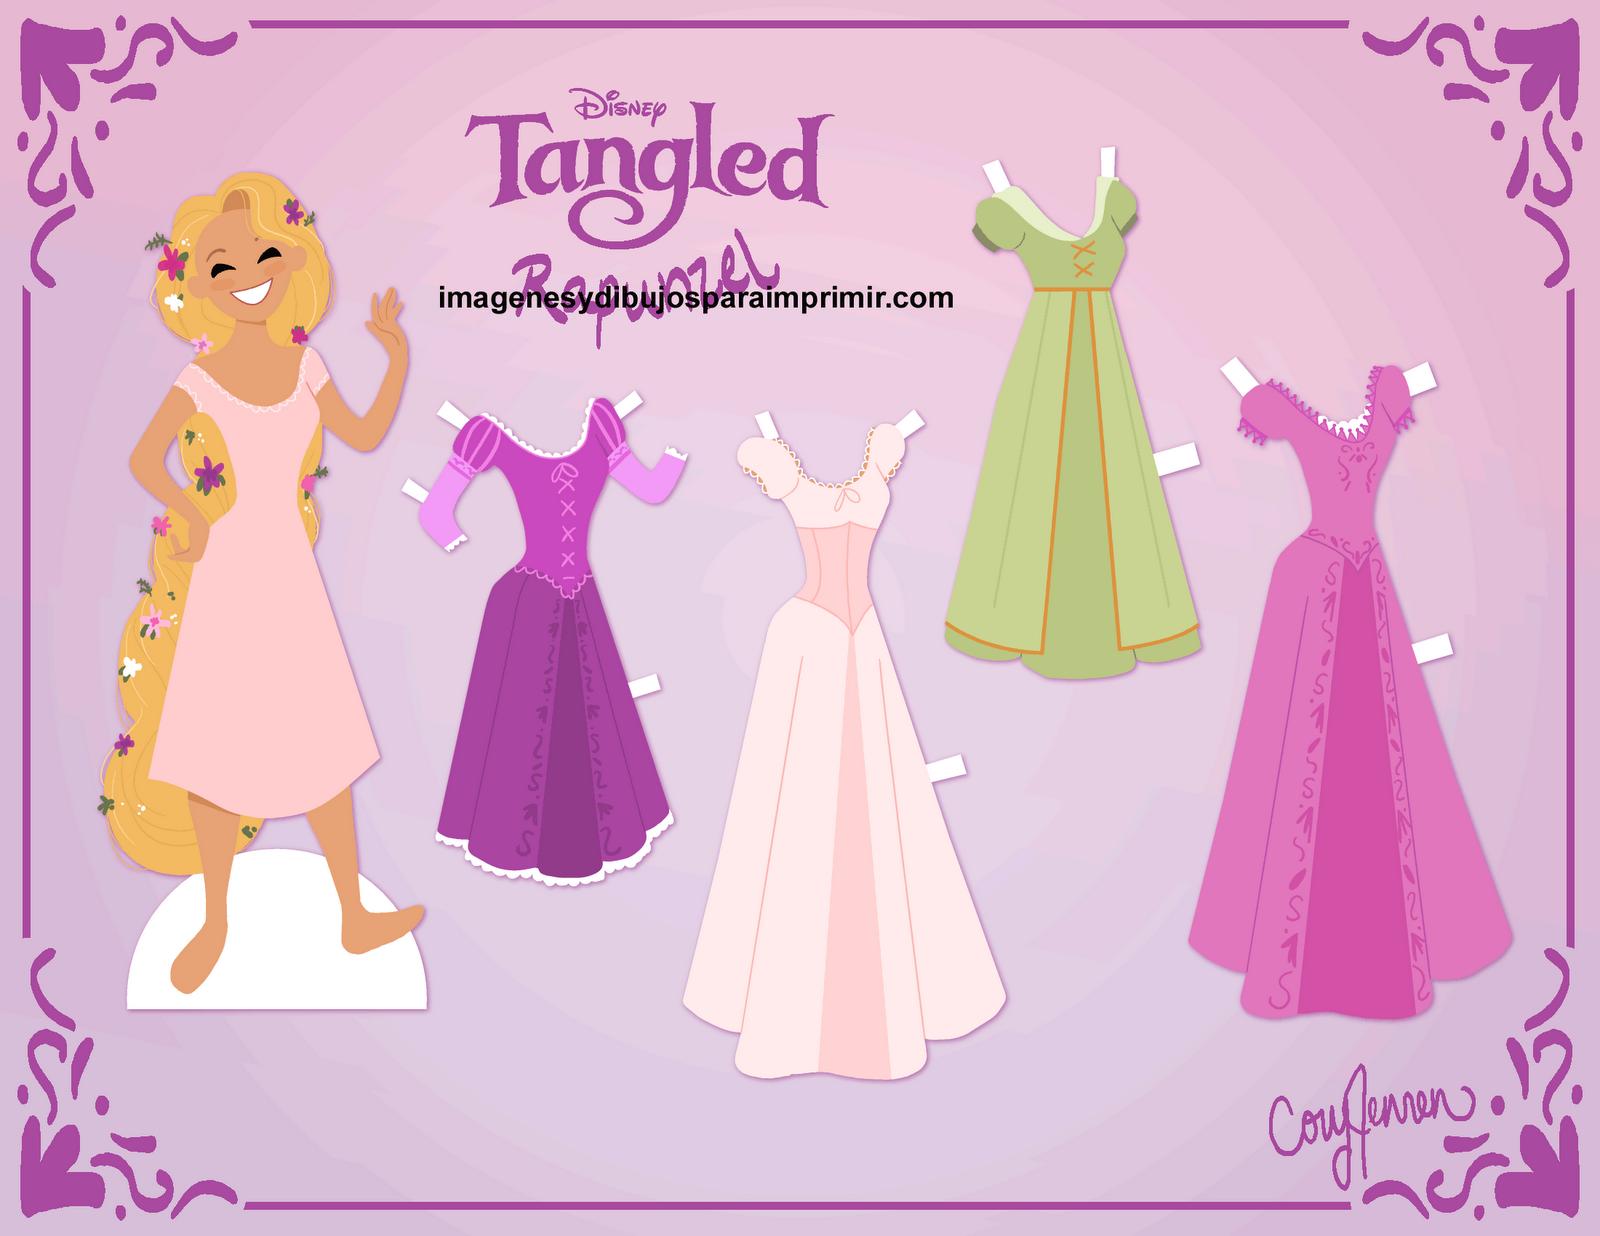 Recortar imagen de Rapunzel de Enredados - Imagenes y dibujos para ...